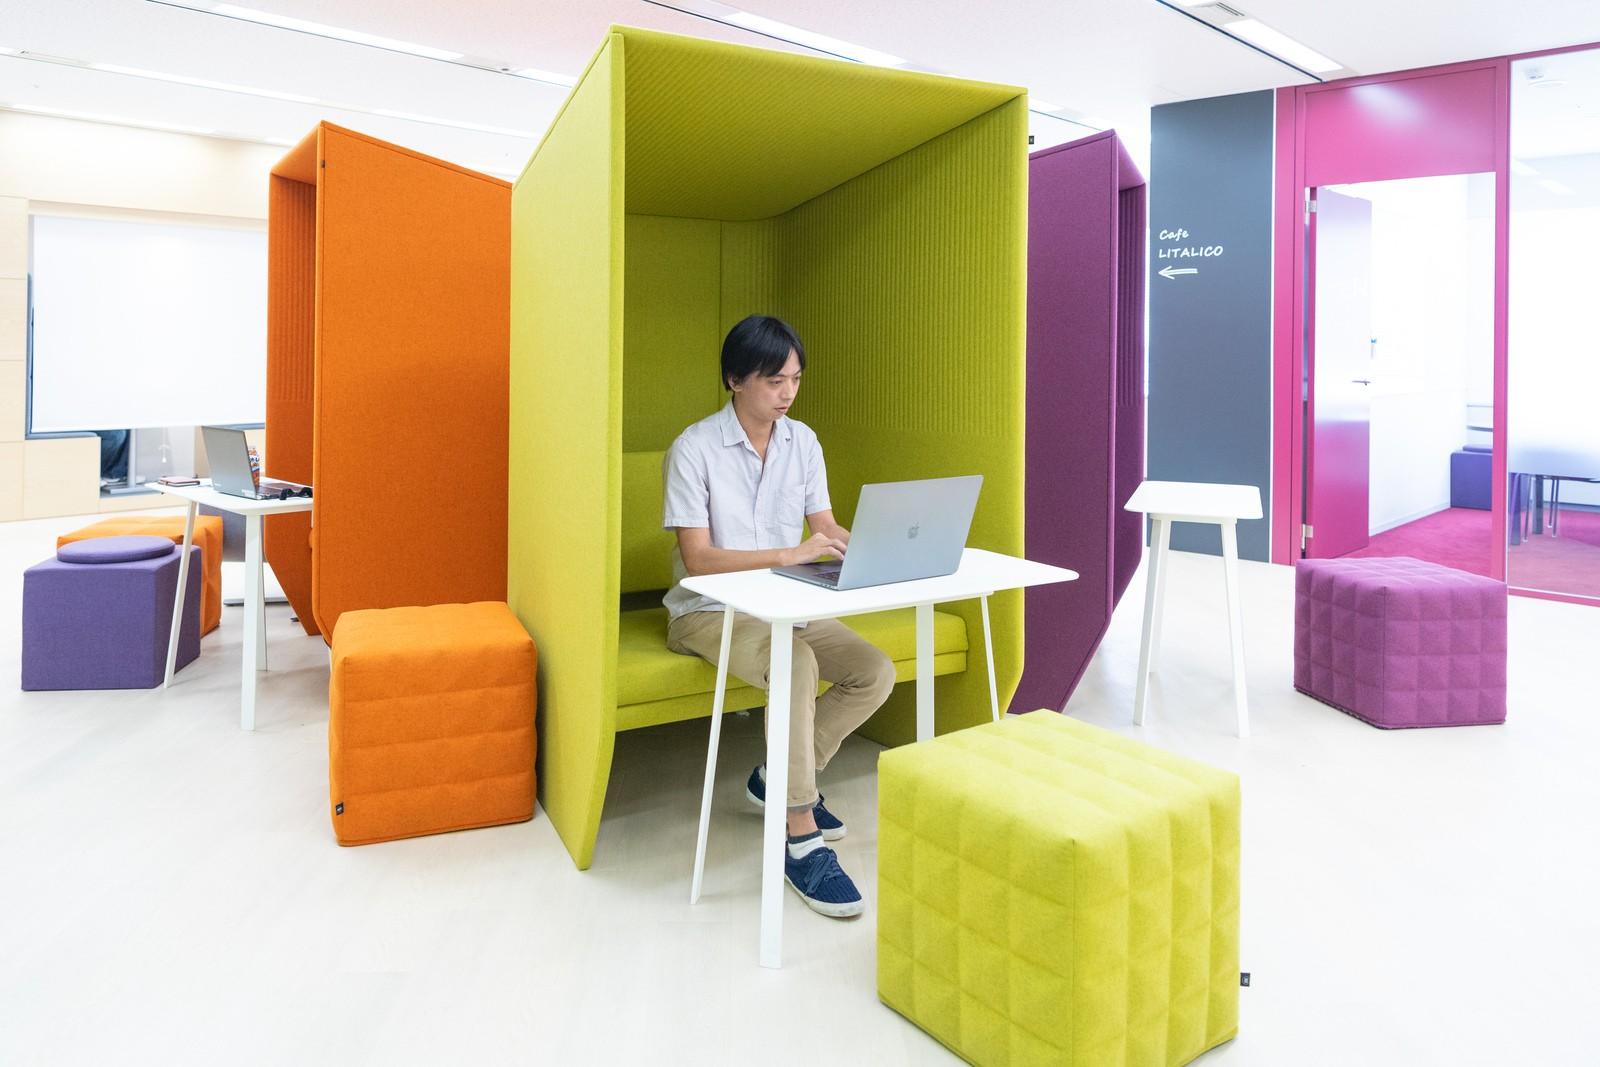 「障害のない社会をつくる」東証一部上場・LITALICOが、toB展開をひかえた自社サービス開発のリードエンジニアを募集!